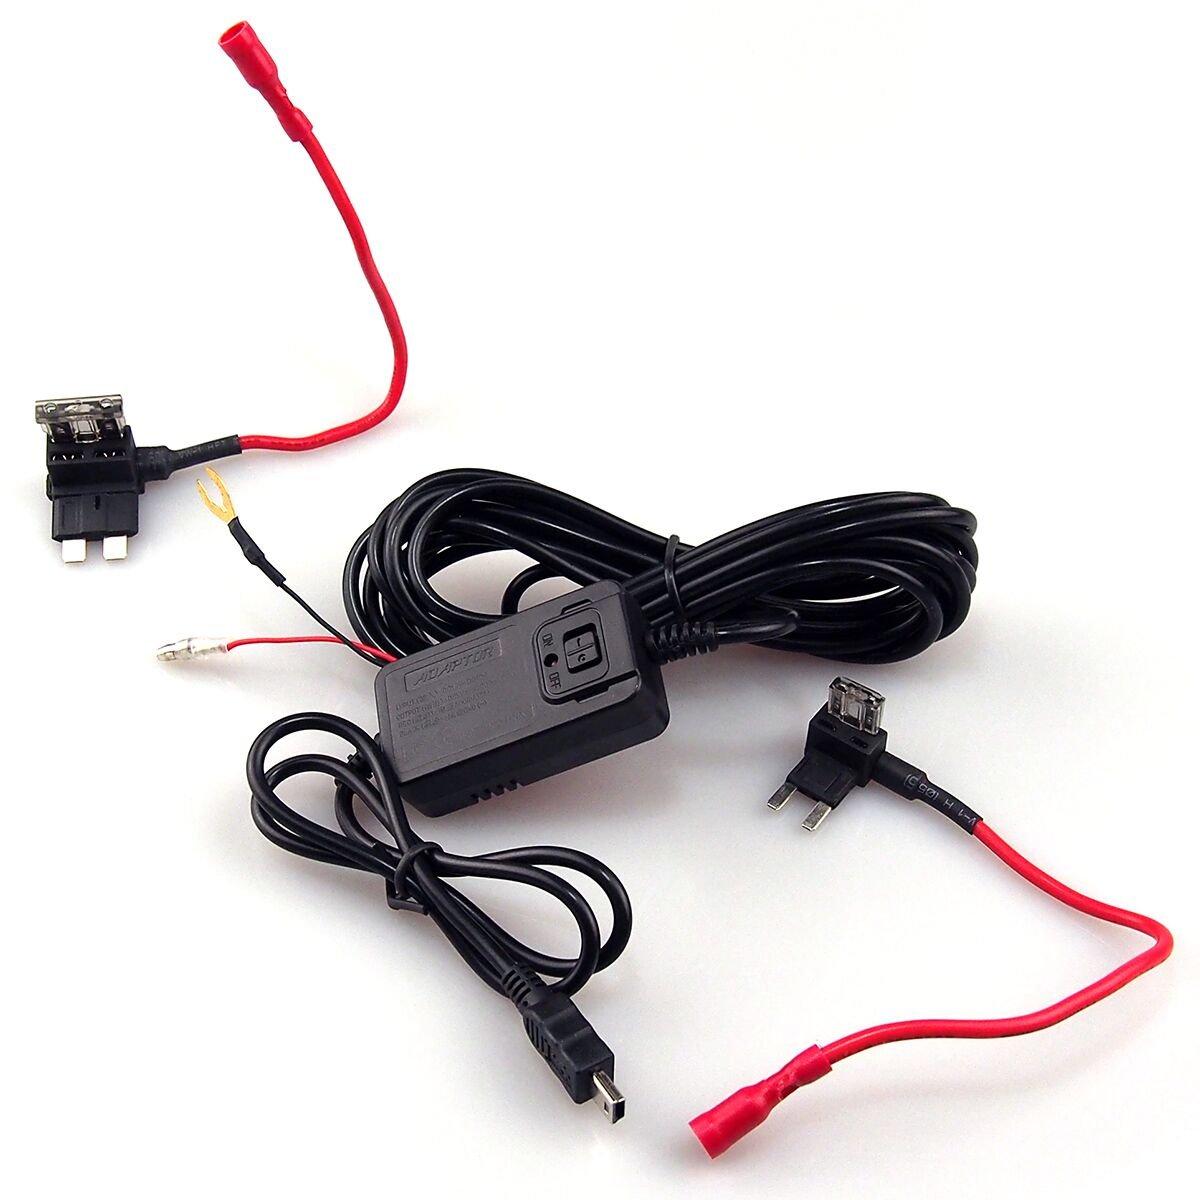 alloggiamento di colore nero Kit di alimentazione per dash-cam il GPS o il sistema DVR da 12//24 V a 5 V//2 A per ricaricare la dash-cam con cavo mini USB